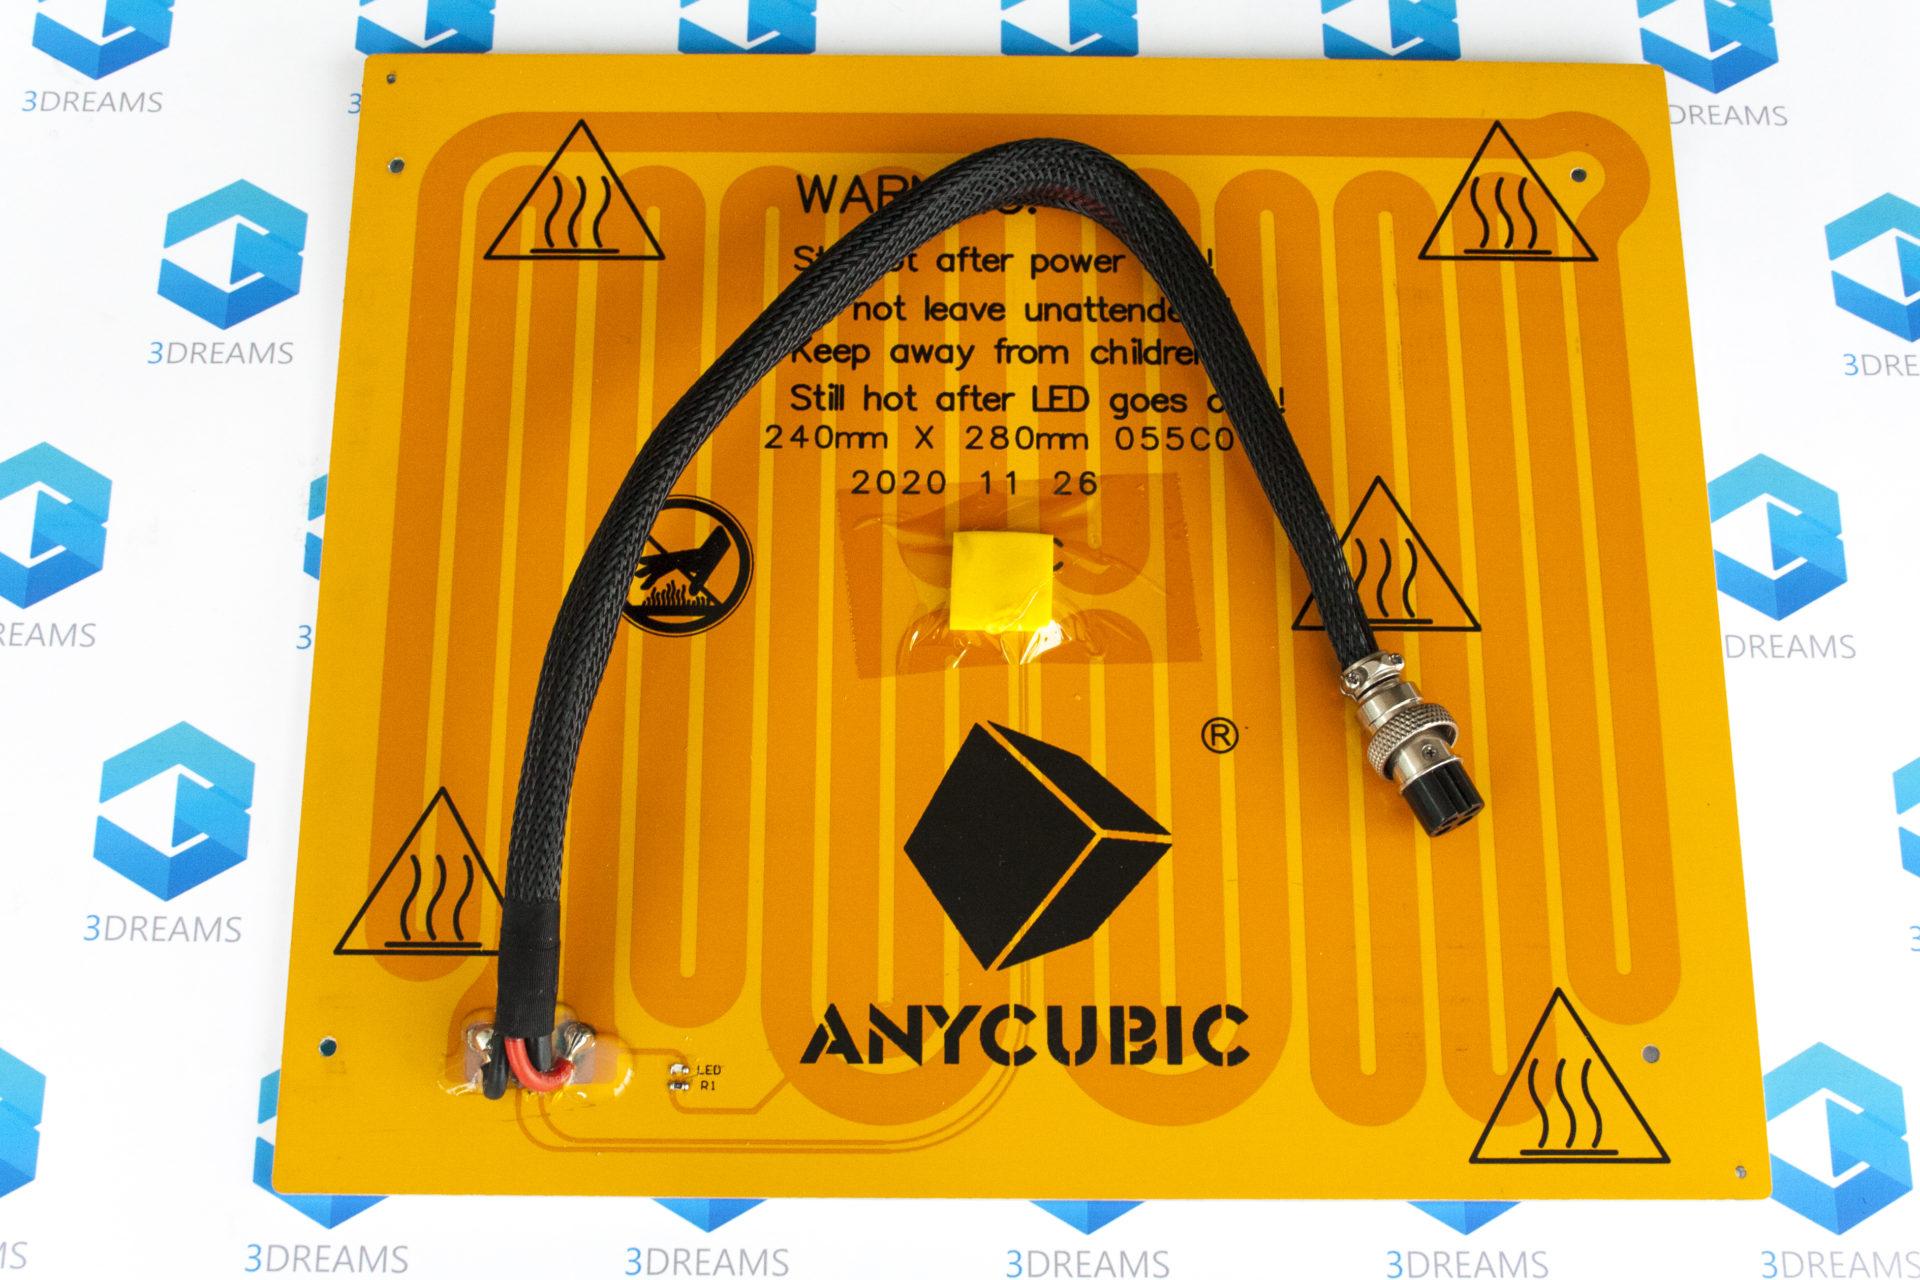 Нагревательная платформа для Anycubic 4Max Pro 2.0 купить харьков киев одесса львов запорожье днепр 1